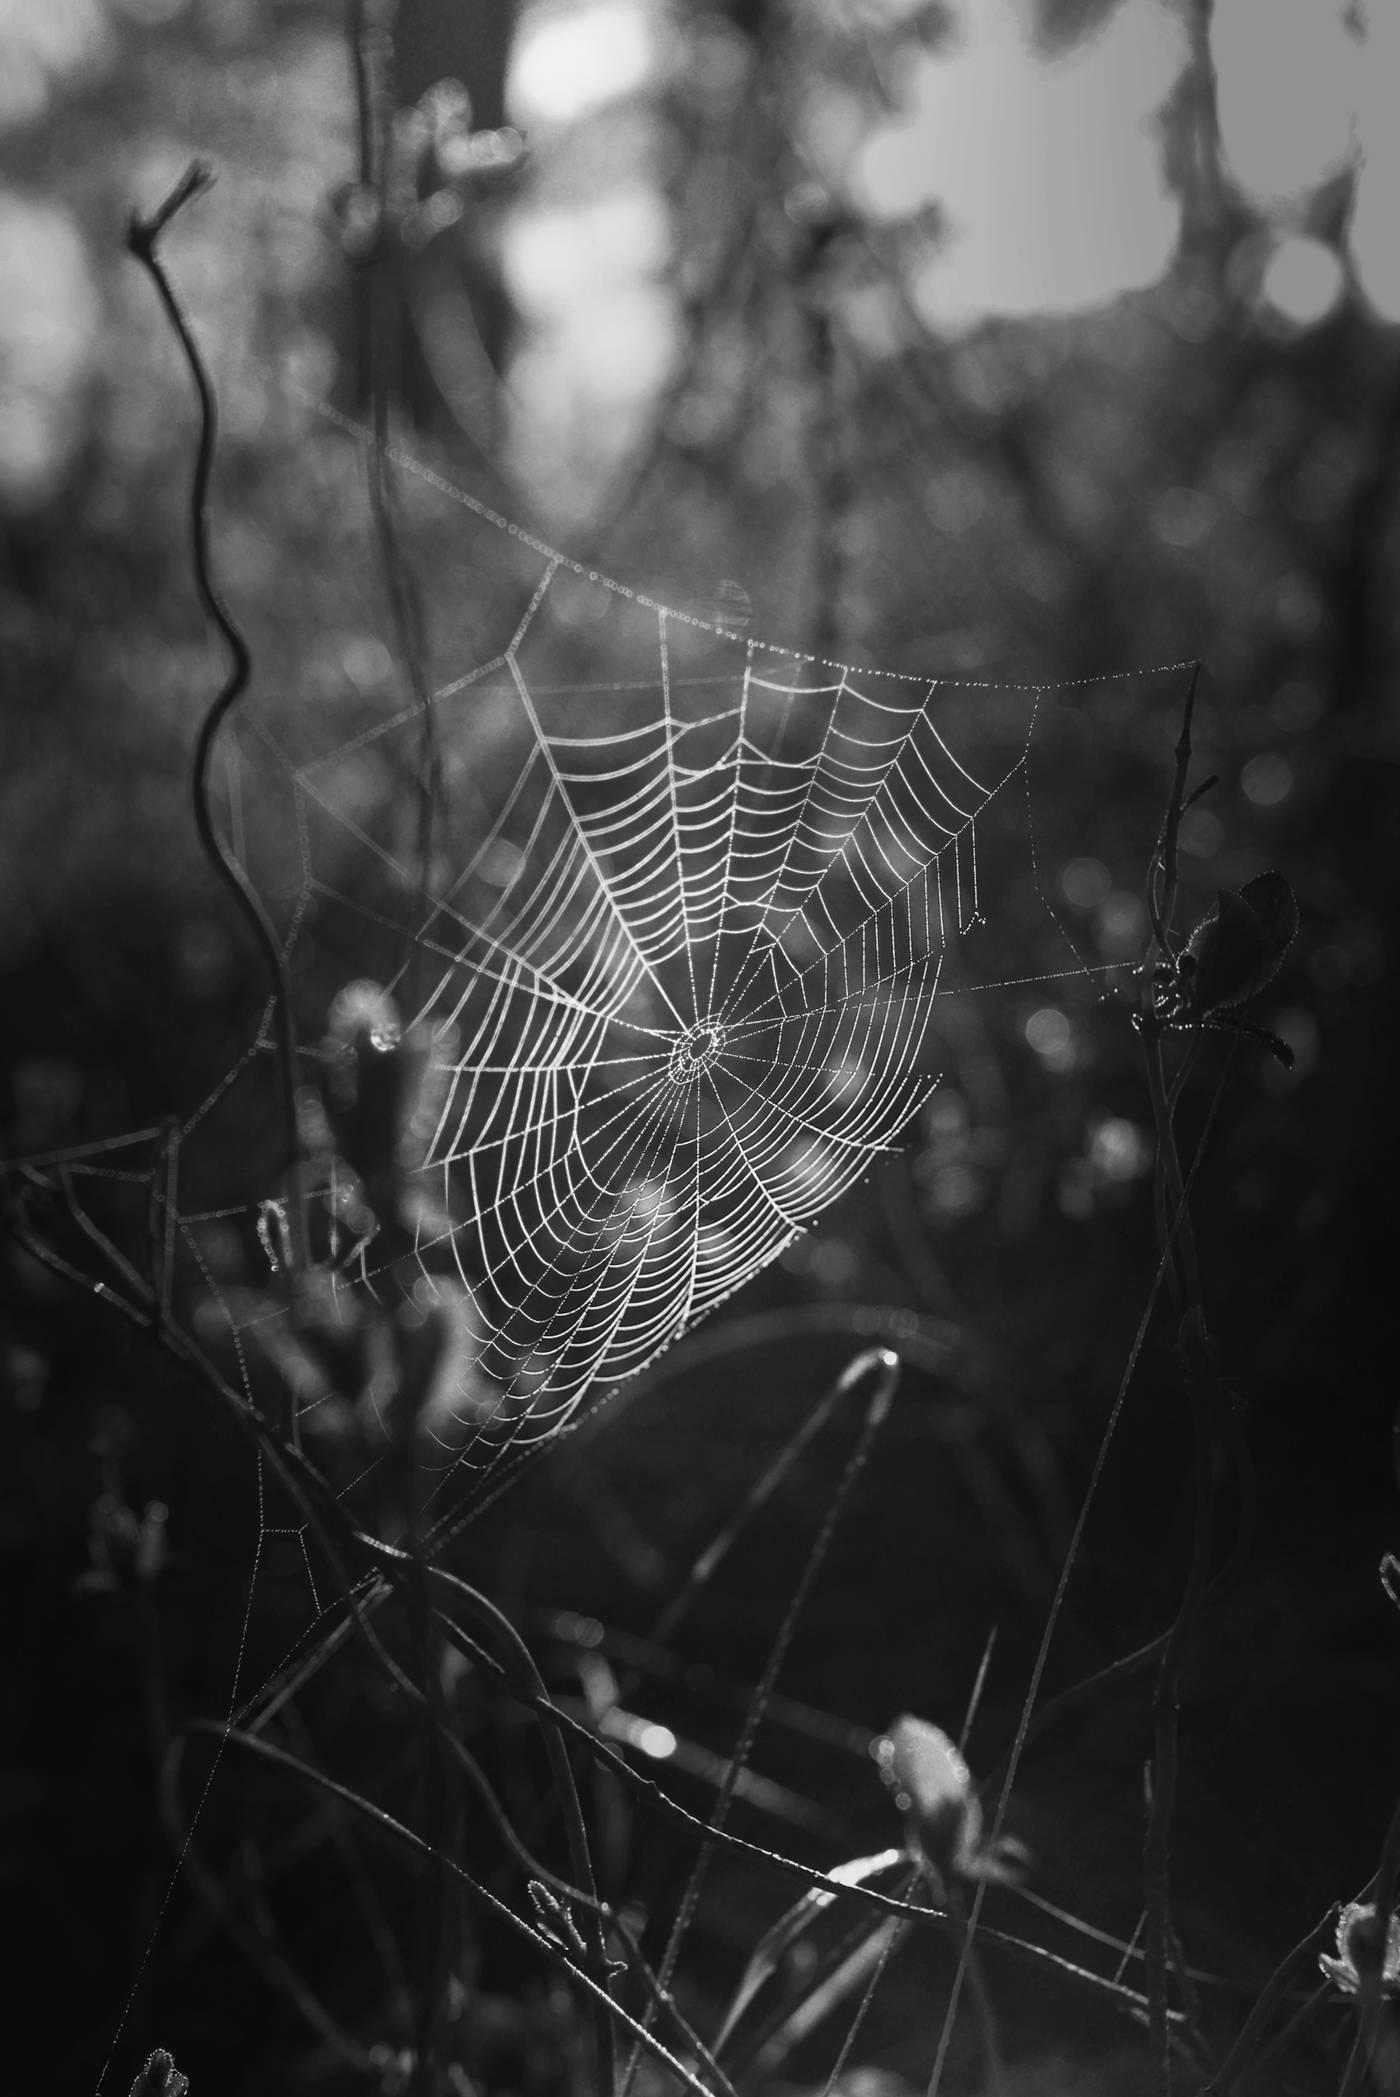 Spinnenweb met spin fotograaf Liselotte Schoo VVV Texel